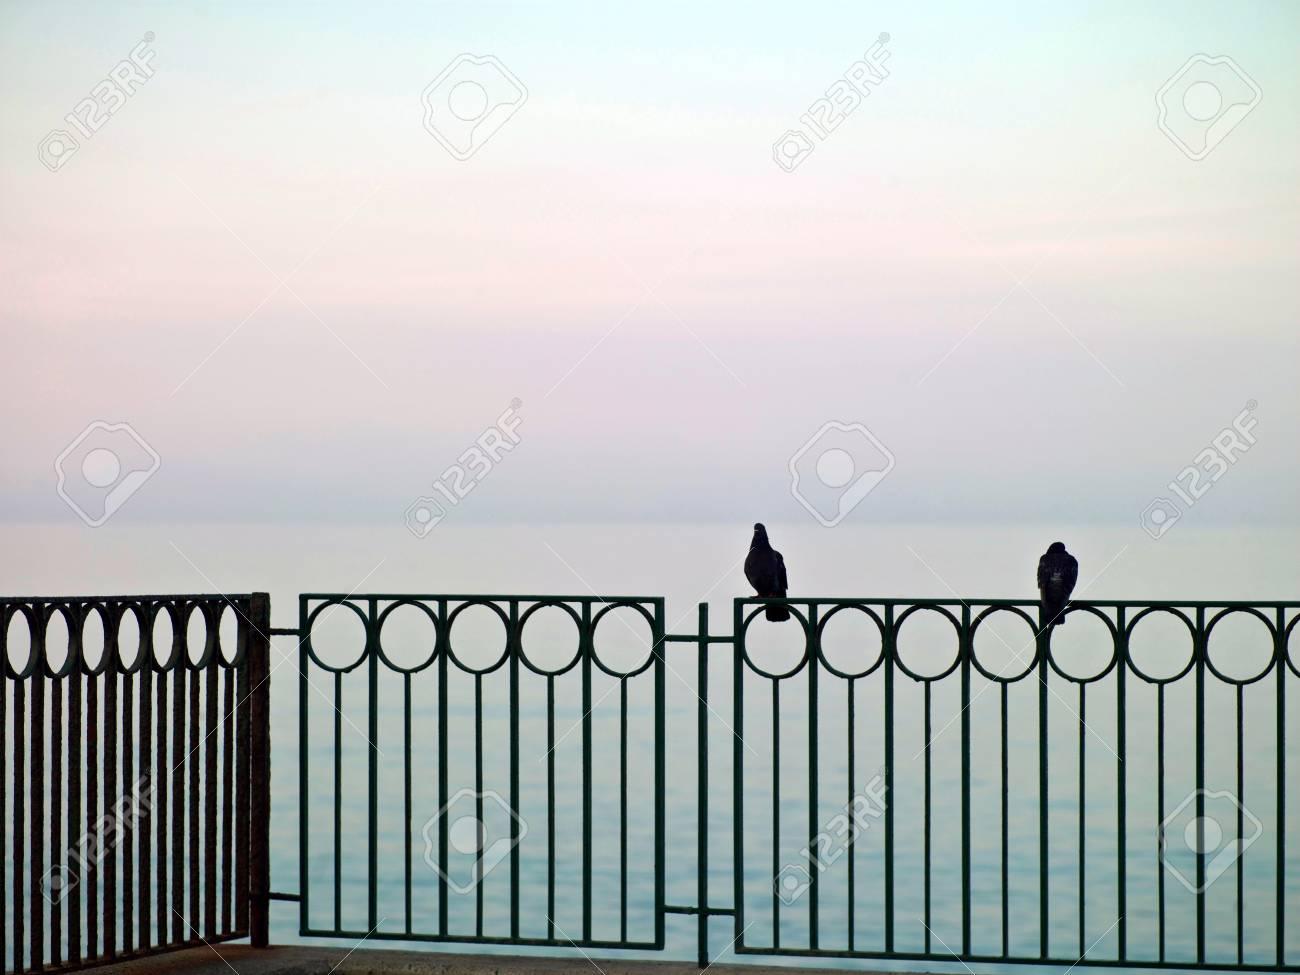 sea landscape with a stone beach promenade Stock Photo - 17494111